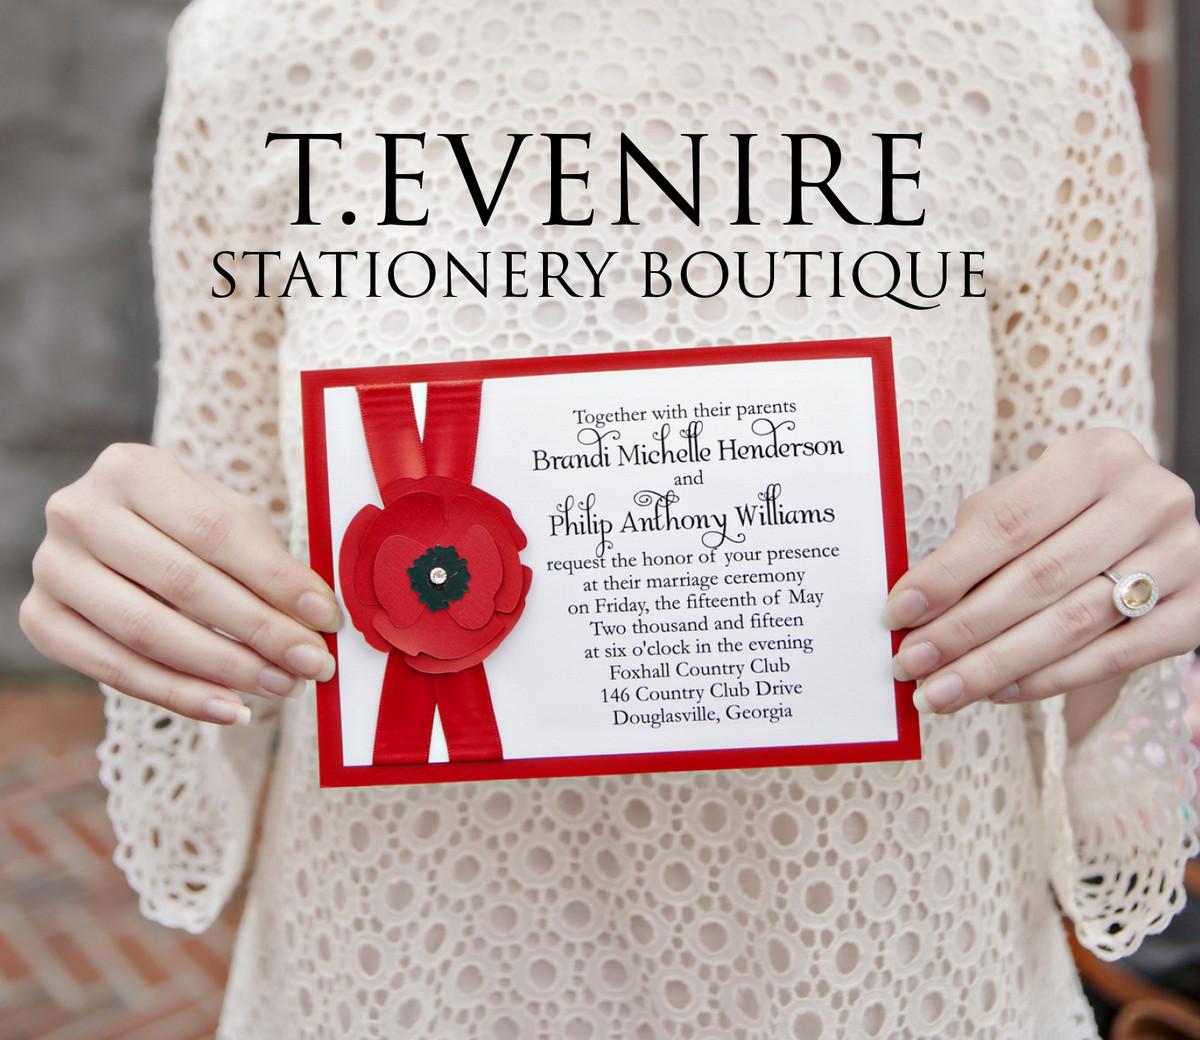 T.evenire Stationery Boutique - Invitations - Atlanta, GA - WeddingWire